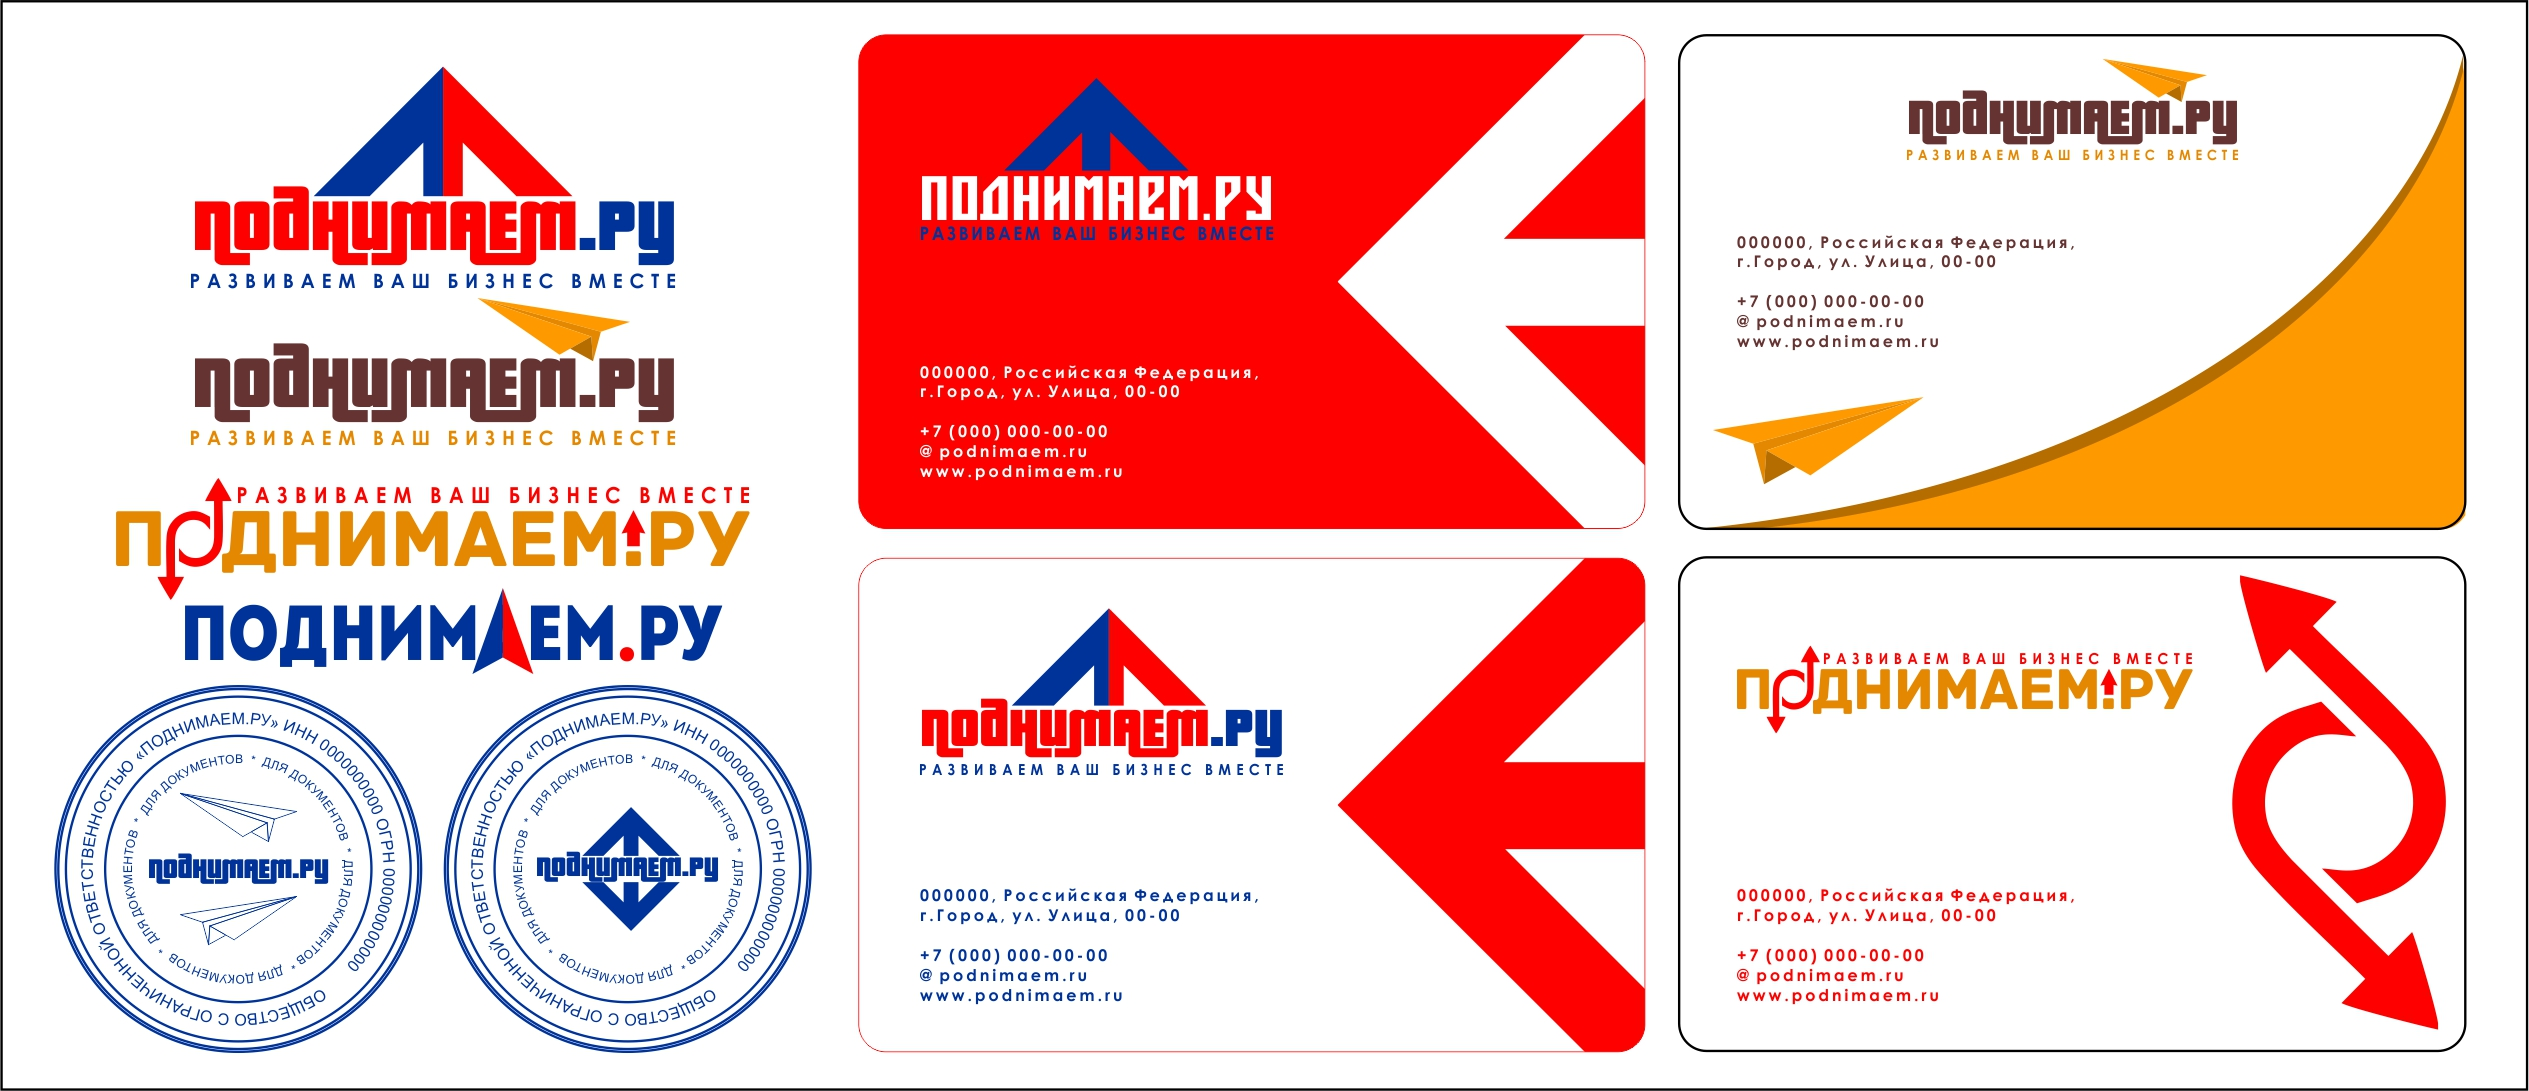 Разработать логотип + визитку + логотип для печати ООО +++ фото f_20455477e267b1ed.jpg